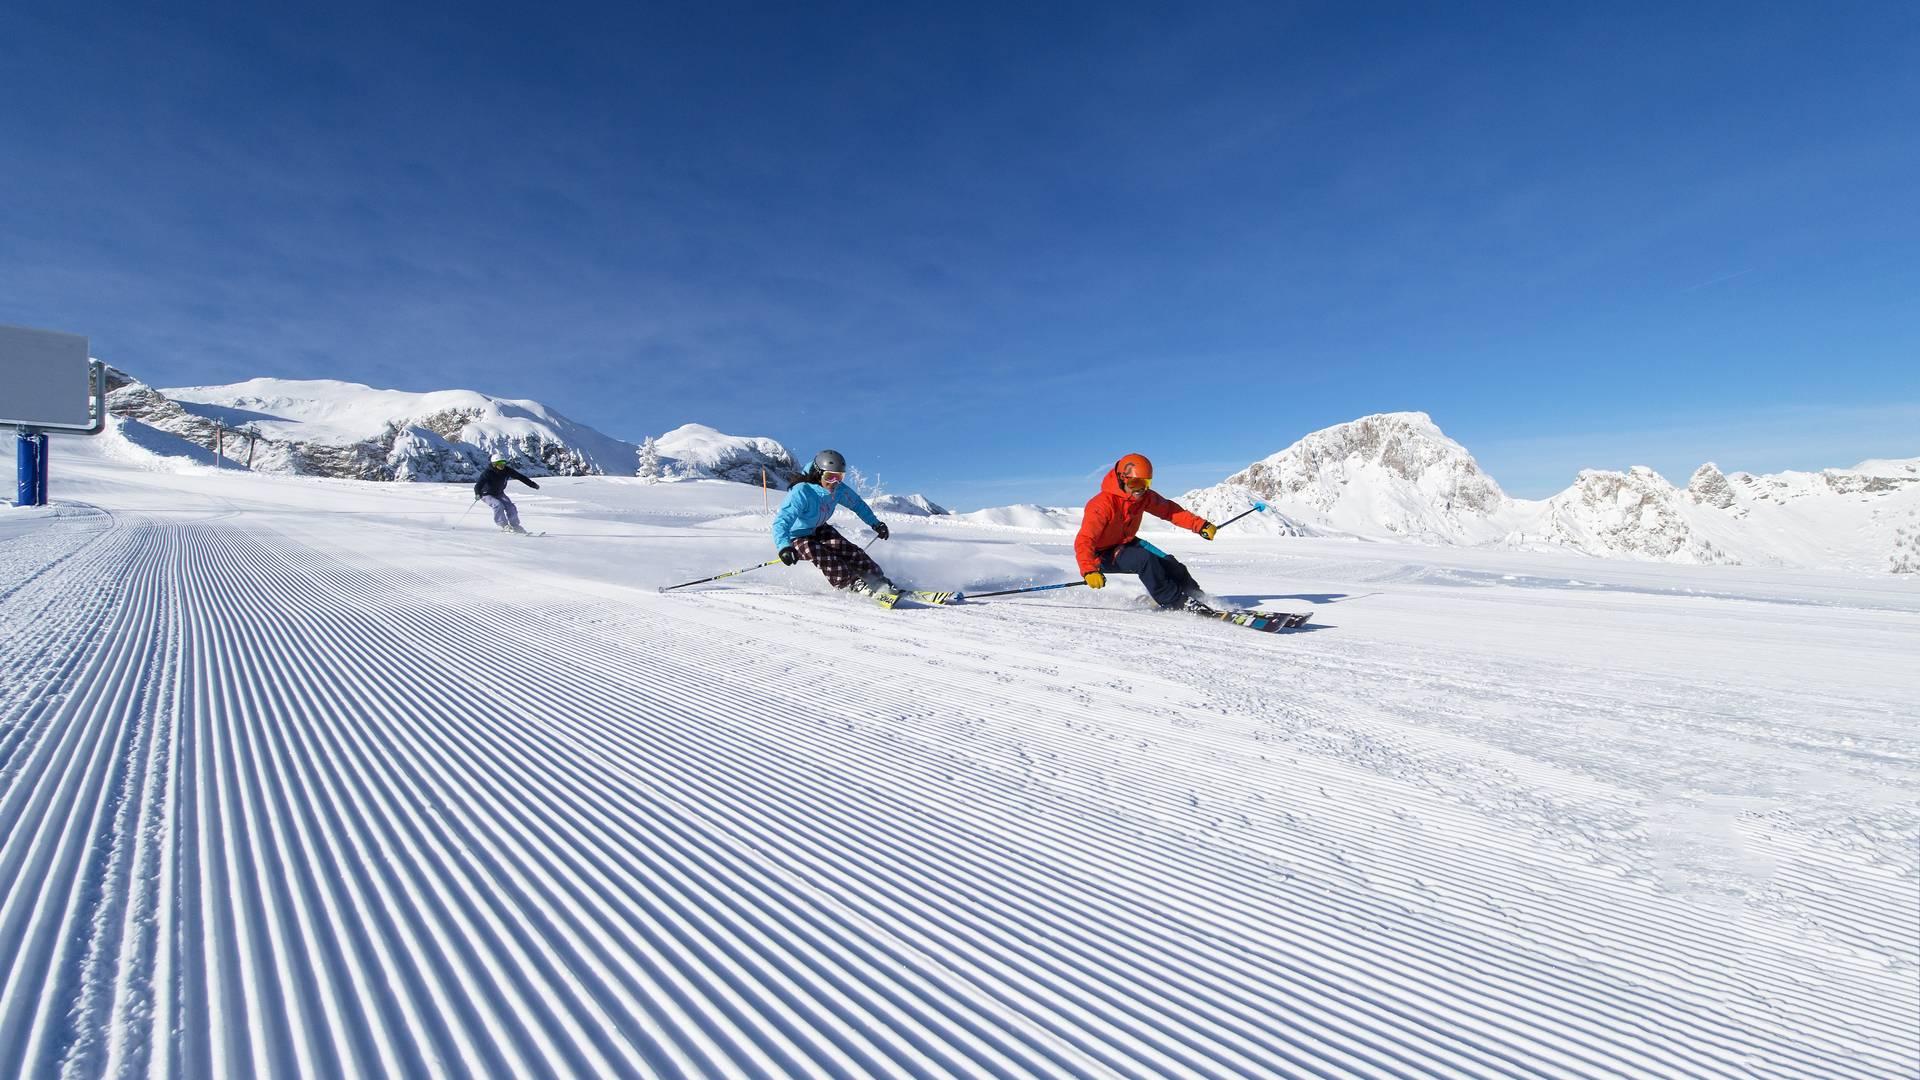 Sportliches Skifahren am Nassfeld